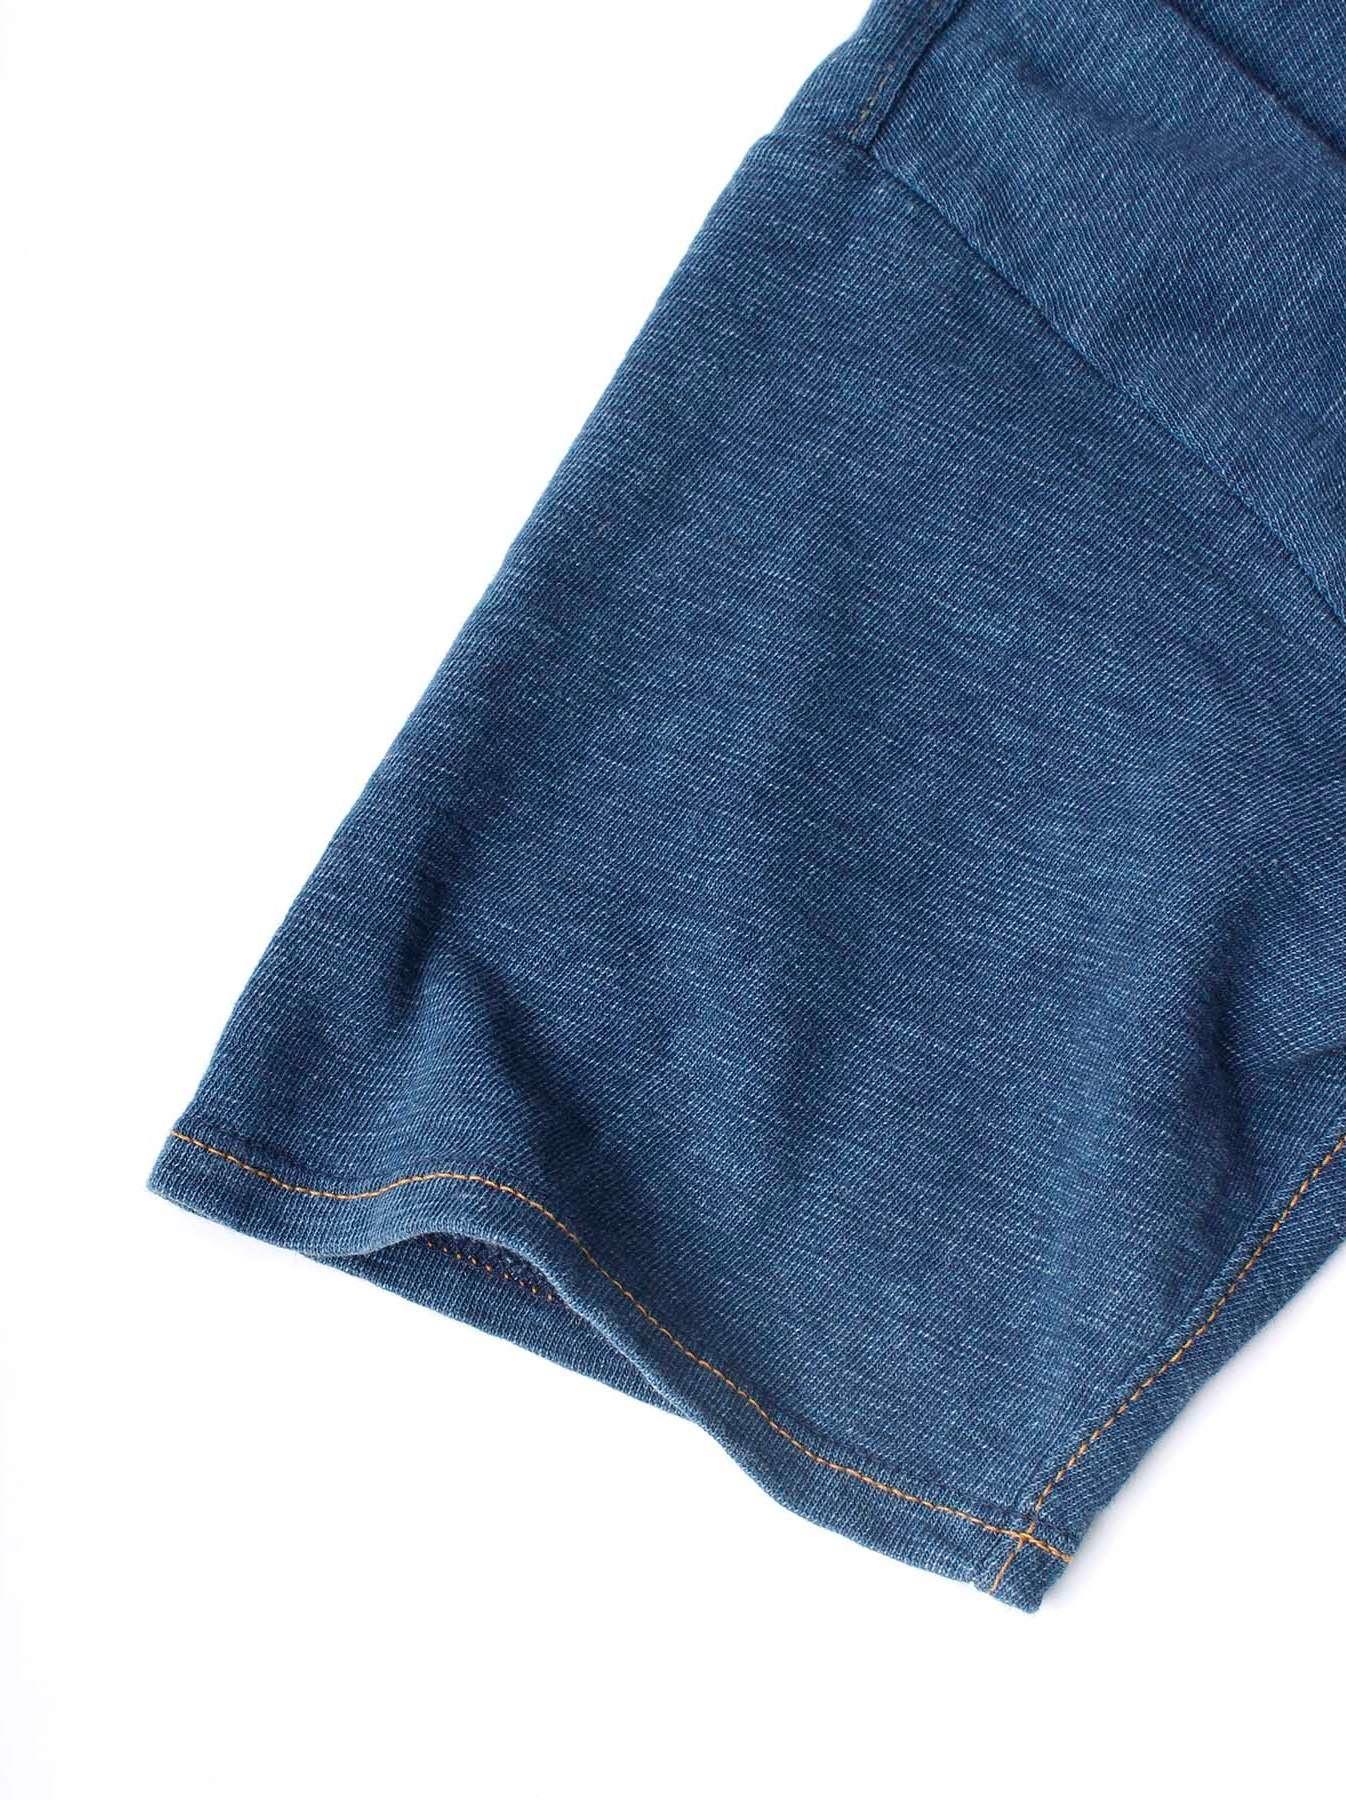 WH Indigo Plating Tenjiku T-shirt Distressed-11